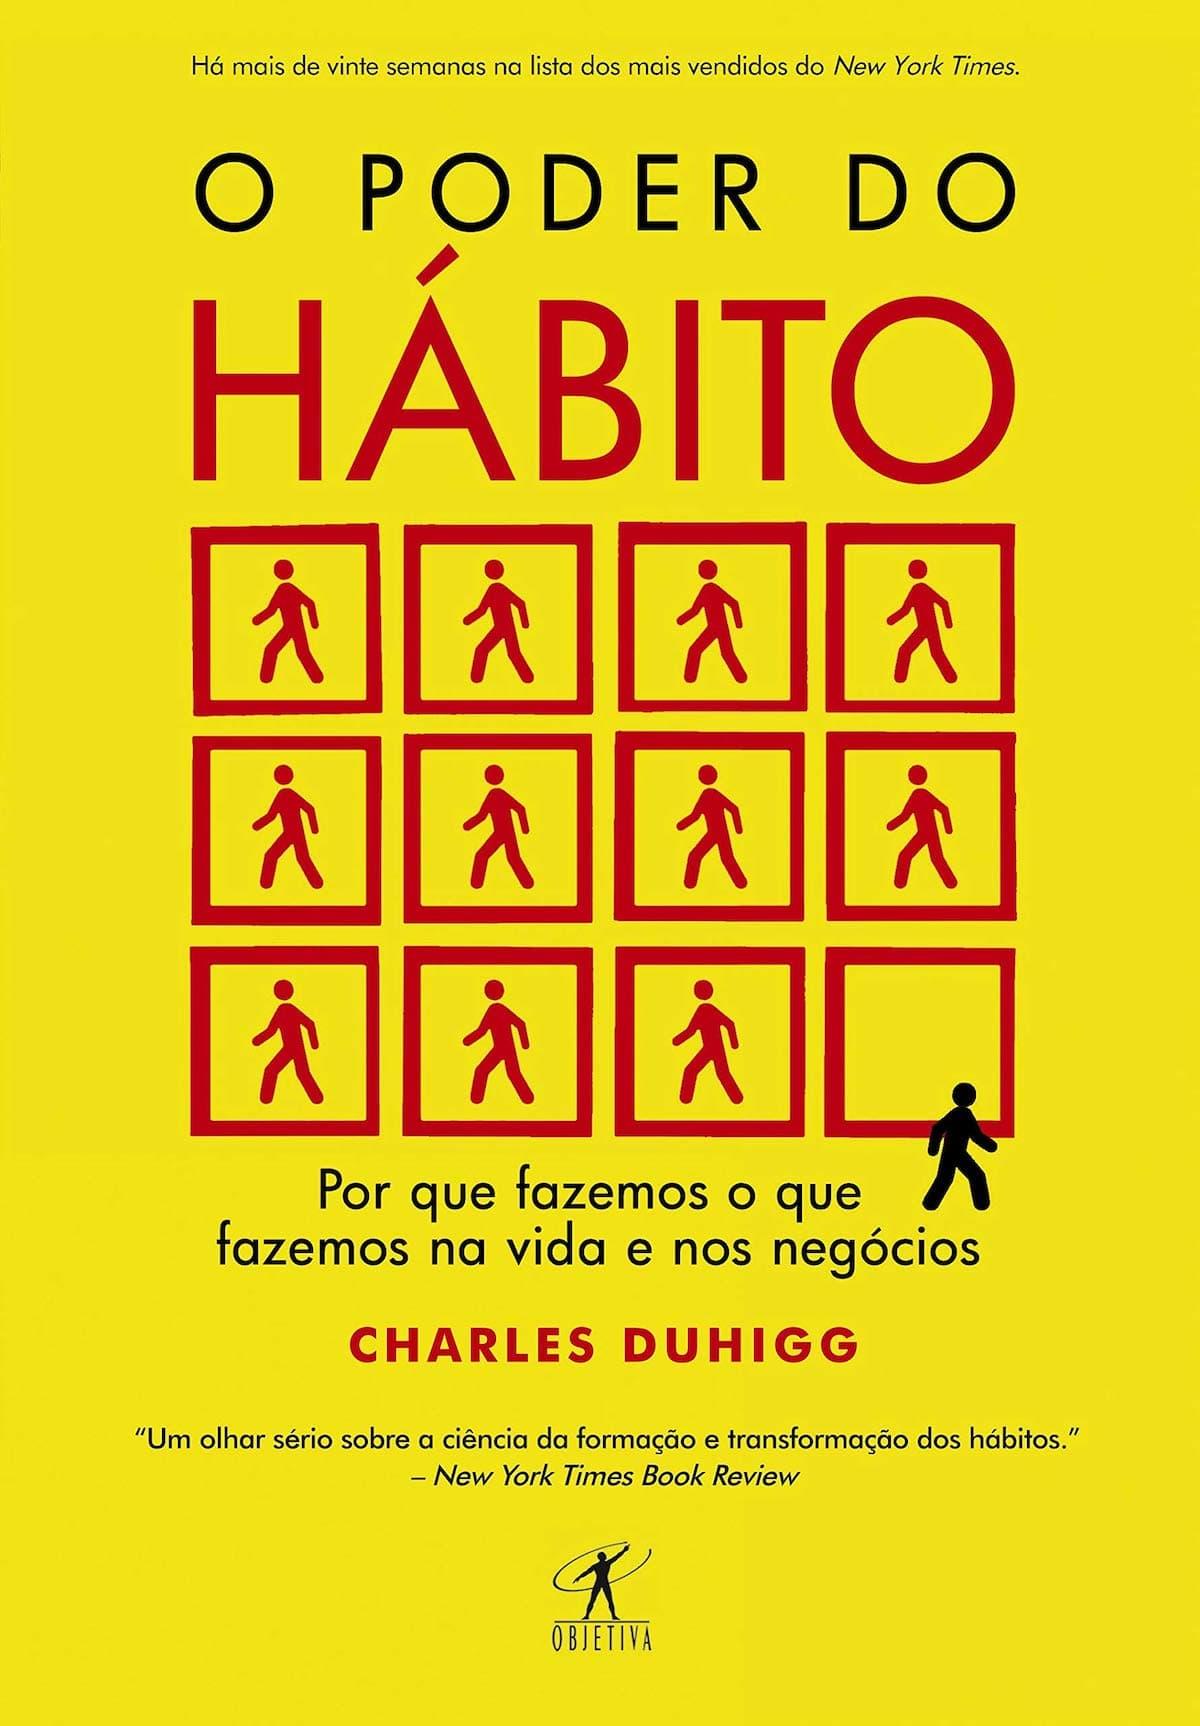 O Poder do Hábito – O Livro que Revolucionou a Autoajuda